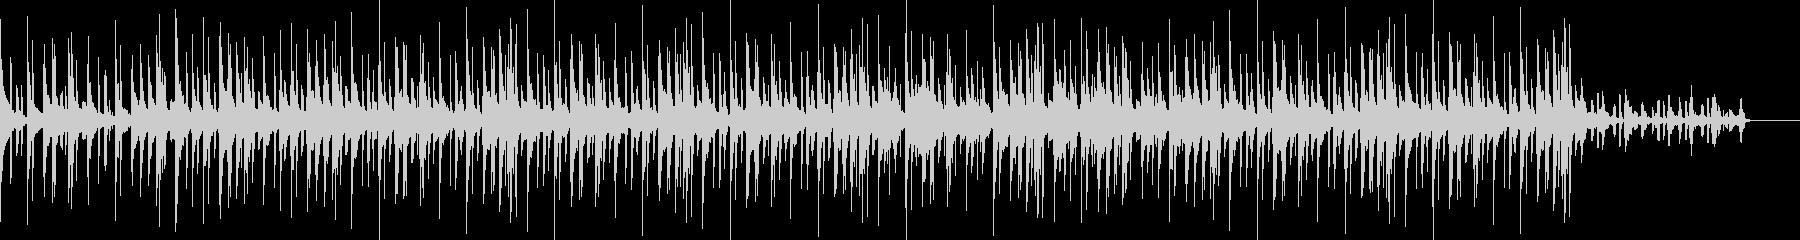 オシャレでファンクなヒップホップサウンドの未再生の波形